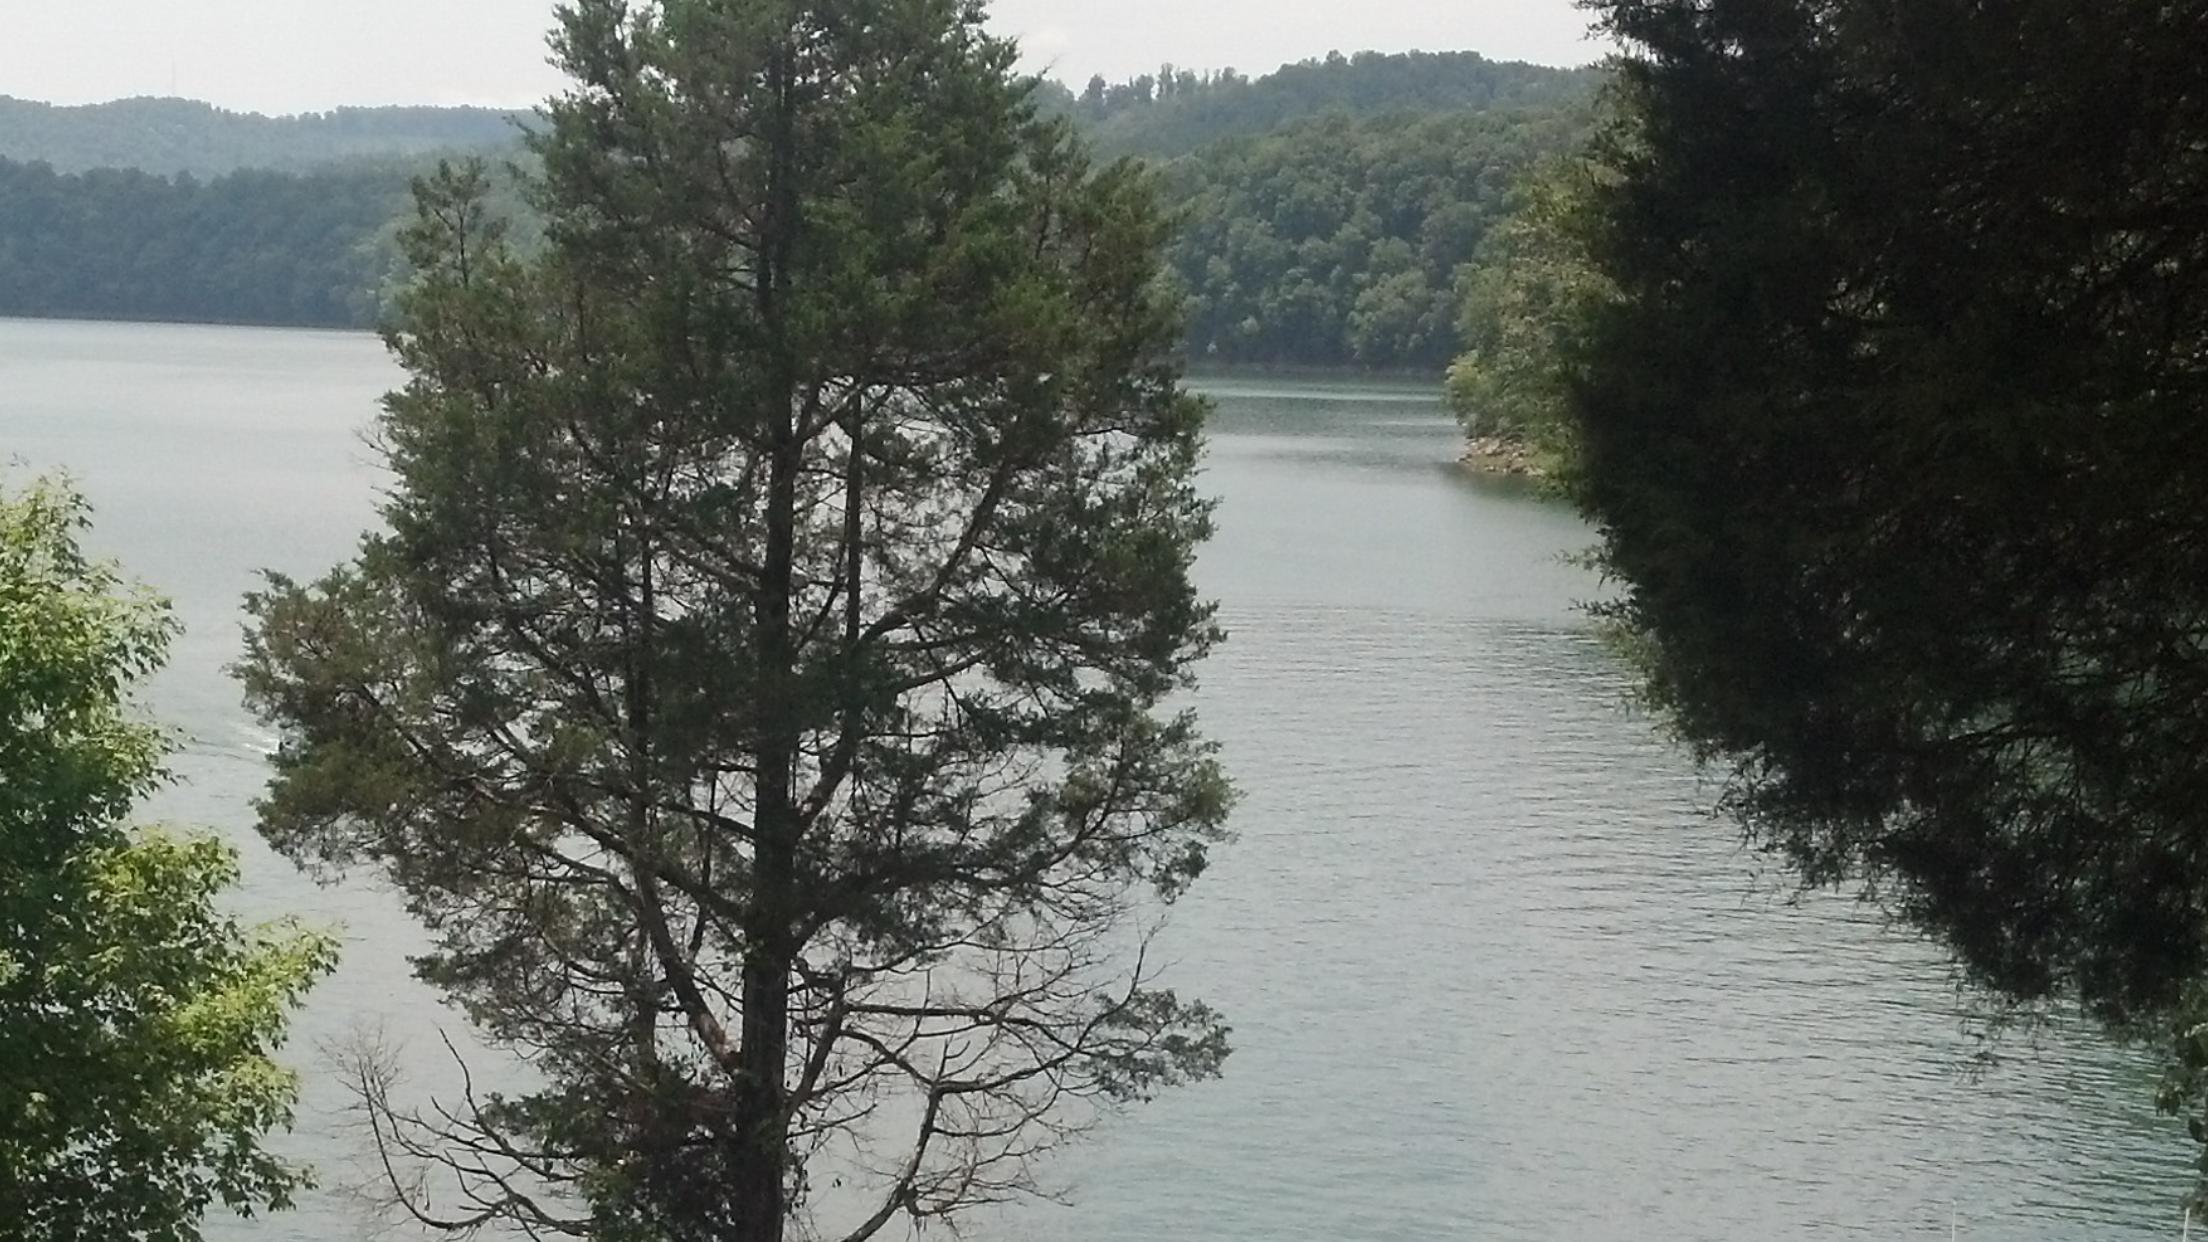 Lake Hollow Rd: